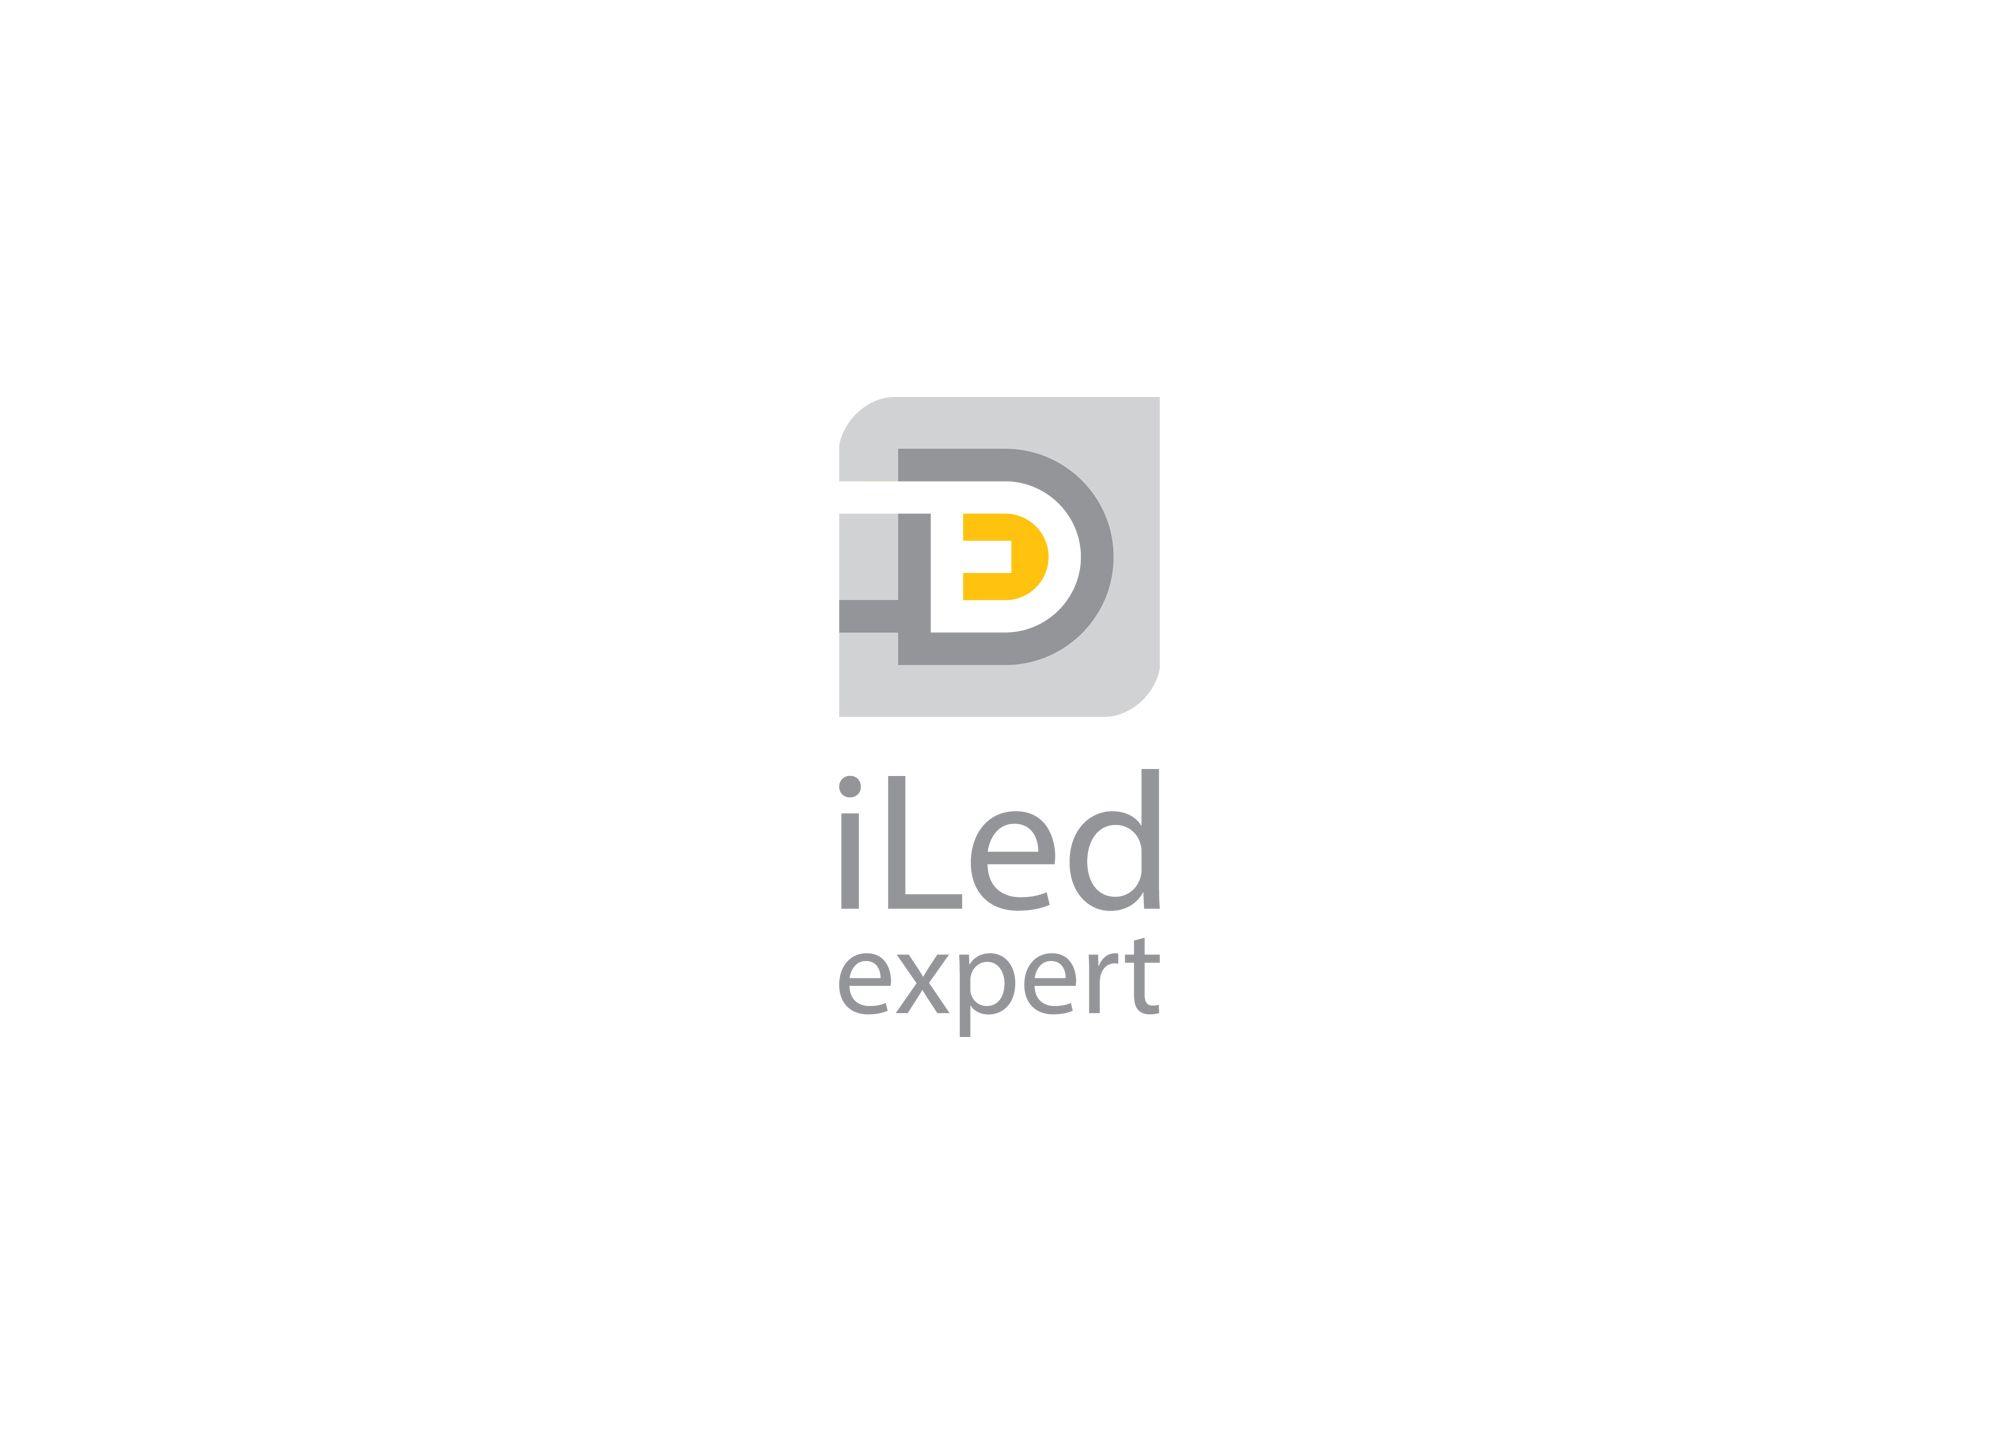 Логотип и фирменный стиль для iLed Expert - дизайнер keep10cow